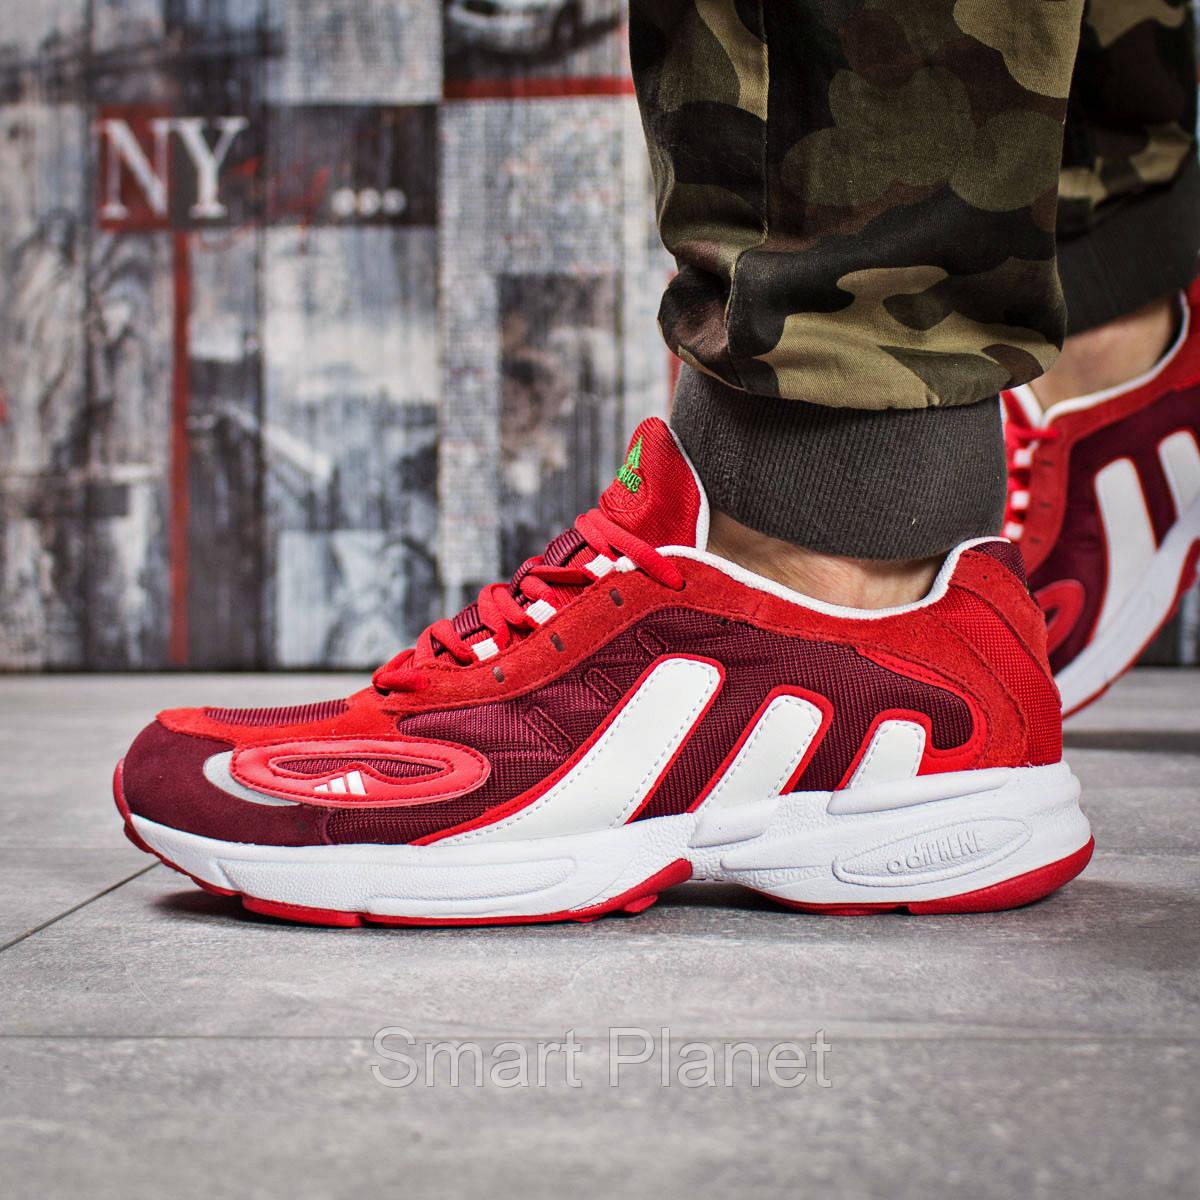 Кроссовки мужские 15914, Adidas Galaxy, красные, < 43 45 > р. 43-27,5см.